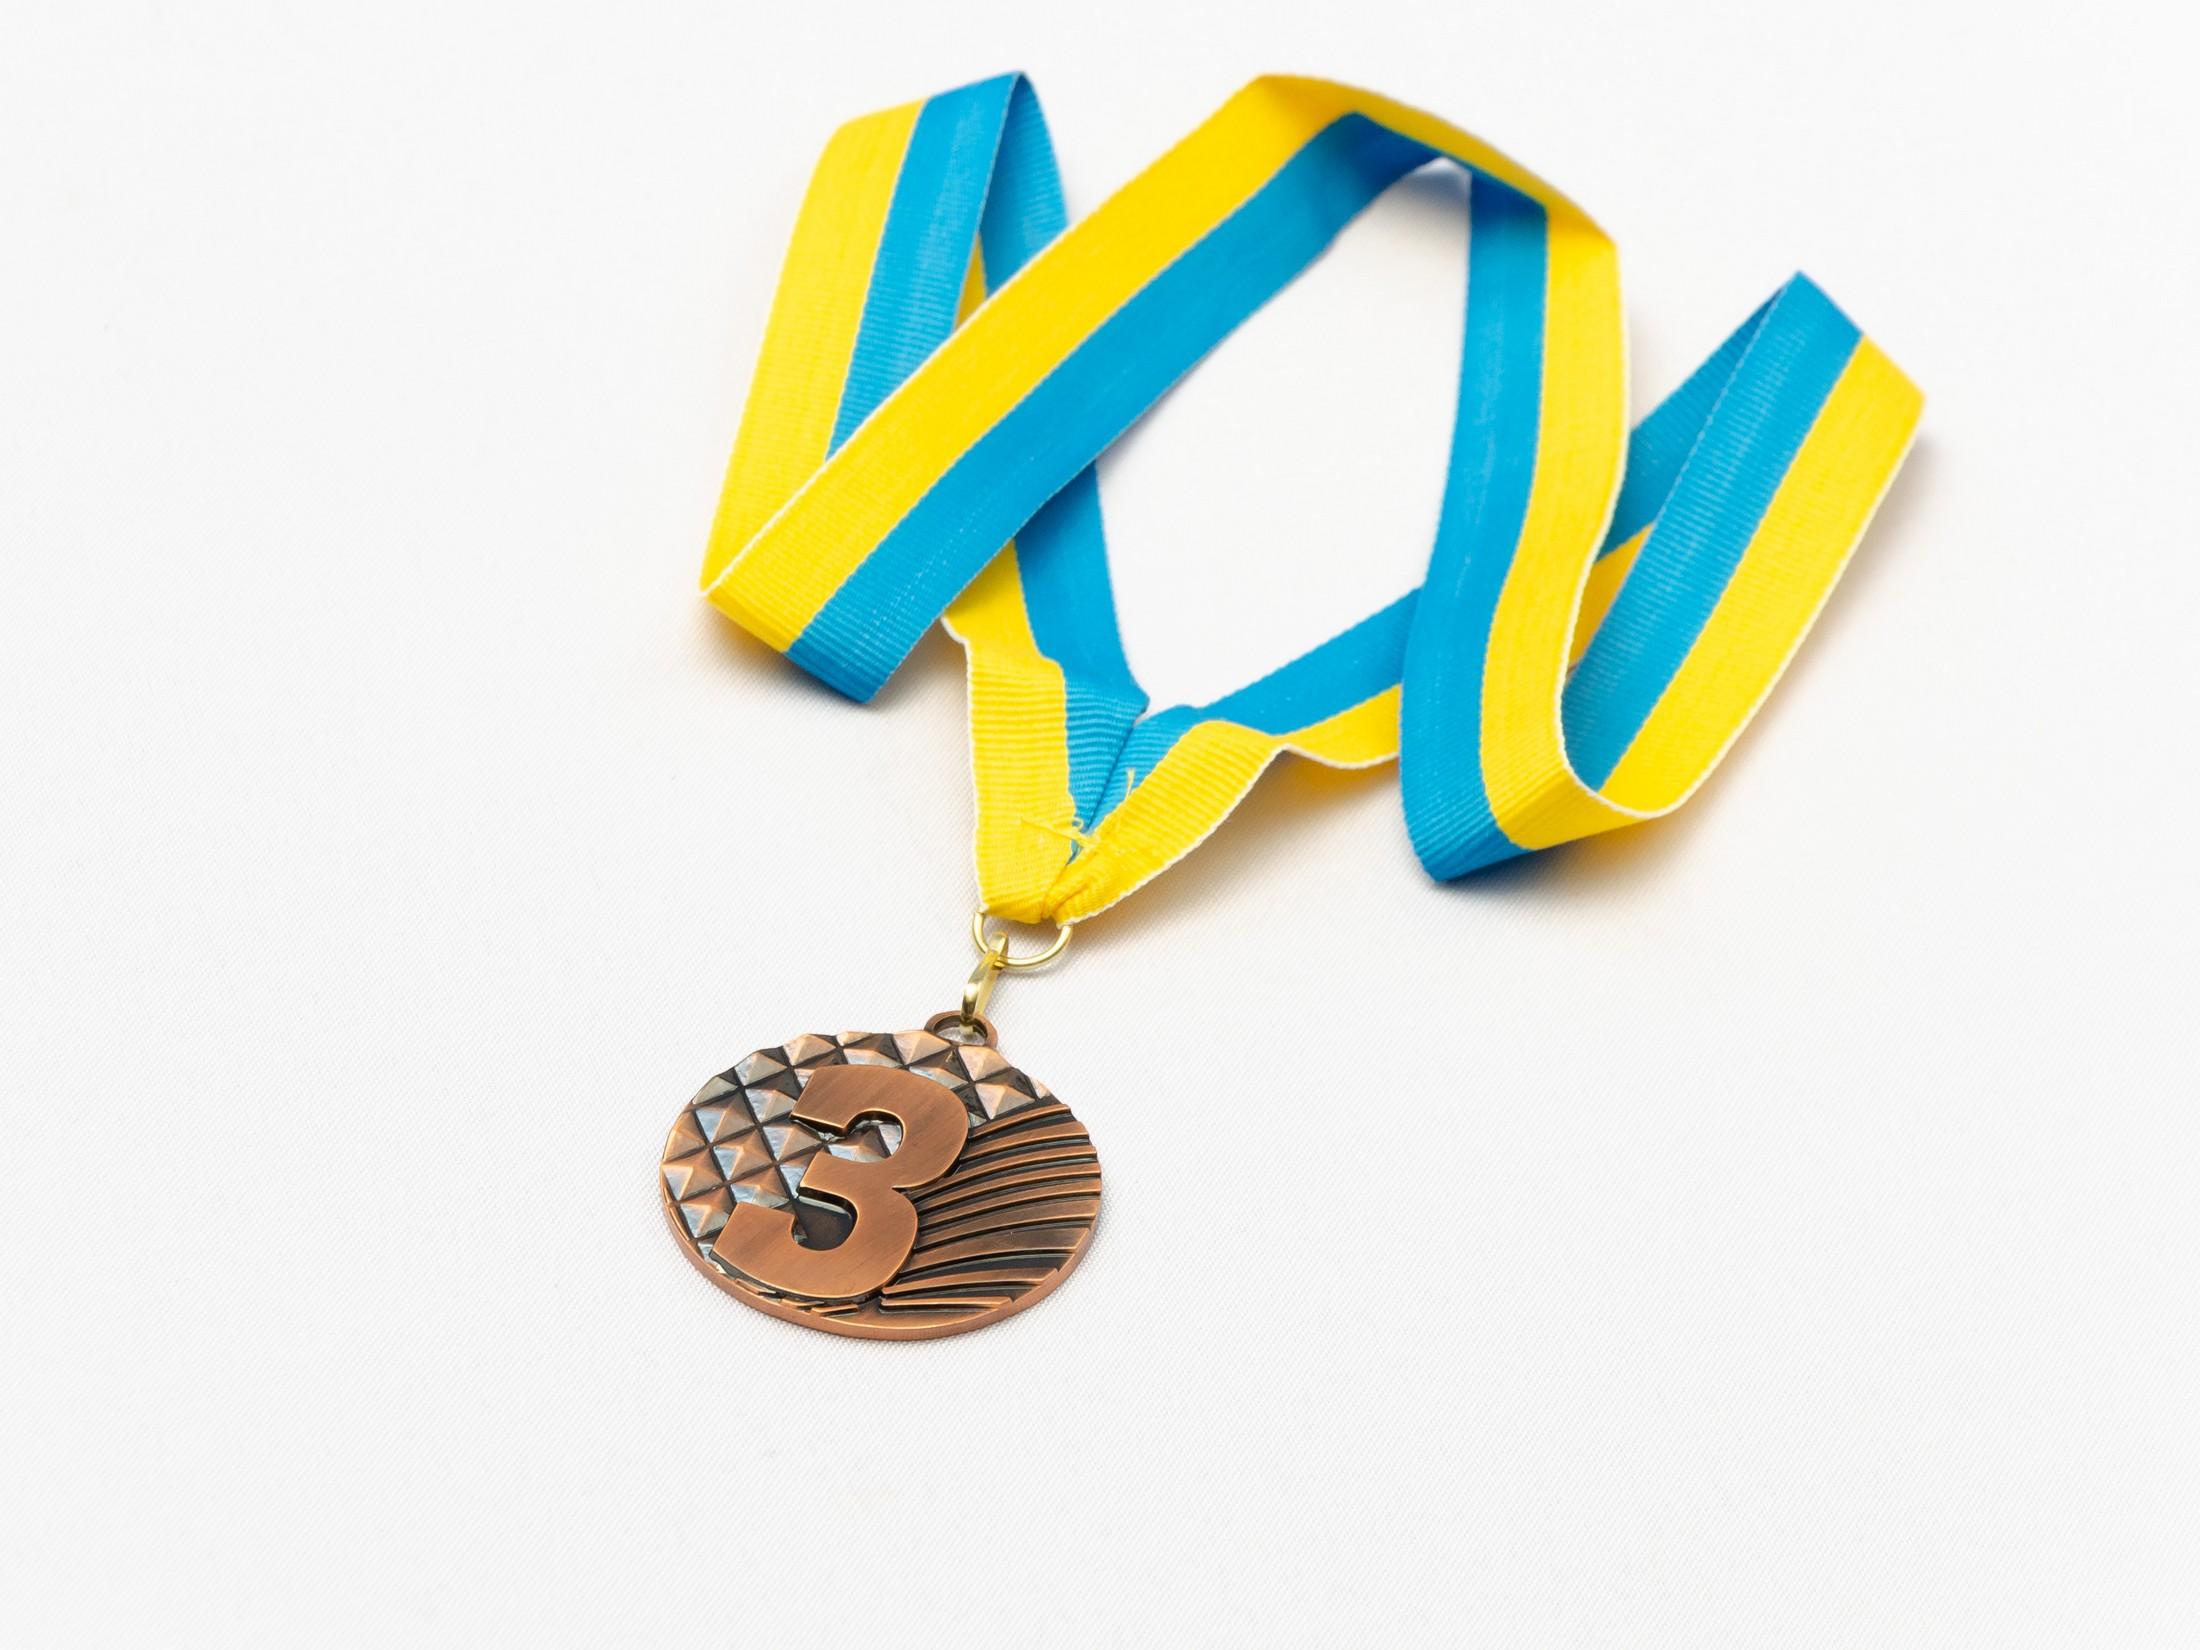 Медаль наградная для бильярда Ромб с лентой (3 место, бронза)  ø5см